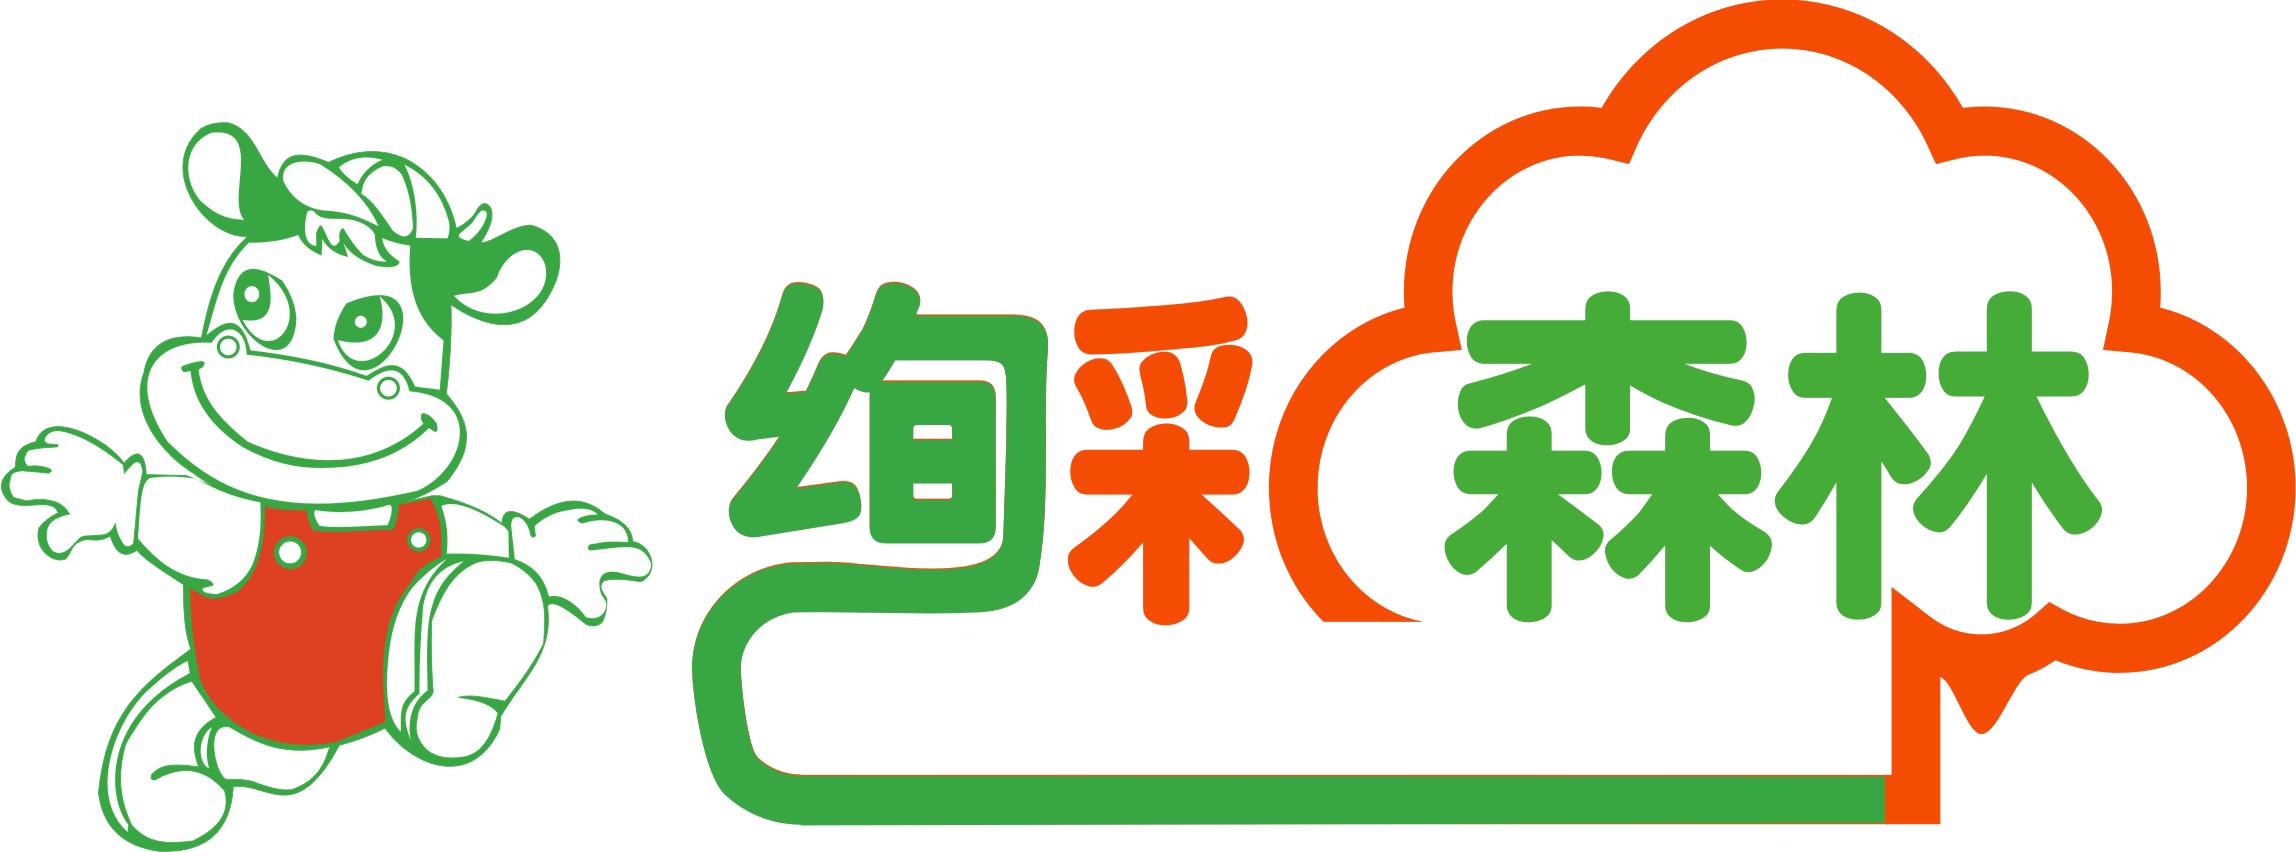 絢彩森林早教品牌logo